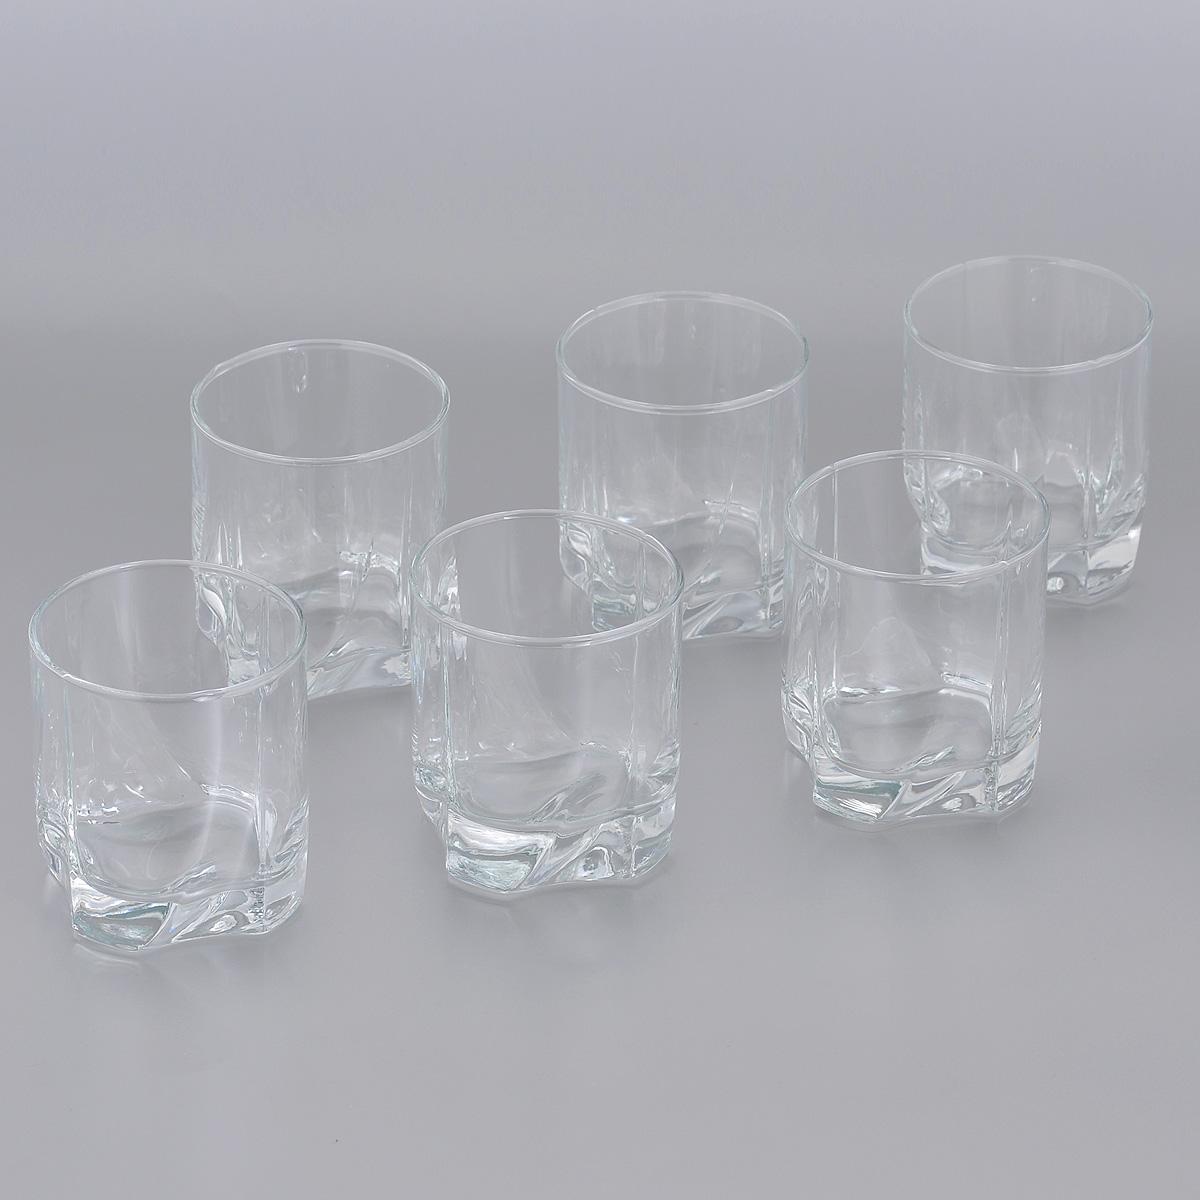 Набор стаканов Pasabahce Luna, 240 мл, 6 шт. 42338BVT-1520(SR)Набор Pasabahce Luna, выполненный из высококачественного стекла, состоит из шести стаканов. Изделия прекрасно подойдут для подачи виски. Эстетичность, функциональность и изящный дизайн сделают набор достойным дополнением к вашему кухонному инвентарю. Набор стаканов Pasabahce Luna украсит ваш стол и станет отличным подарком к любому празднику. Можно использовать в морозильной камере и микроволновой печи. Можно мыть в посудомоечной машине.Диаметр стакана по верхнему краю: 7 см. Высота стакана: 8 см.